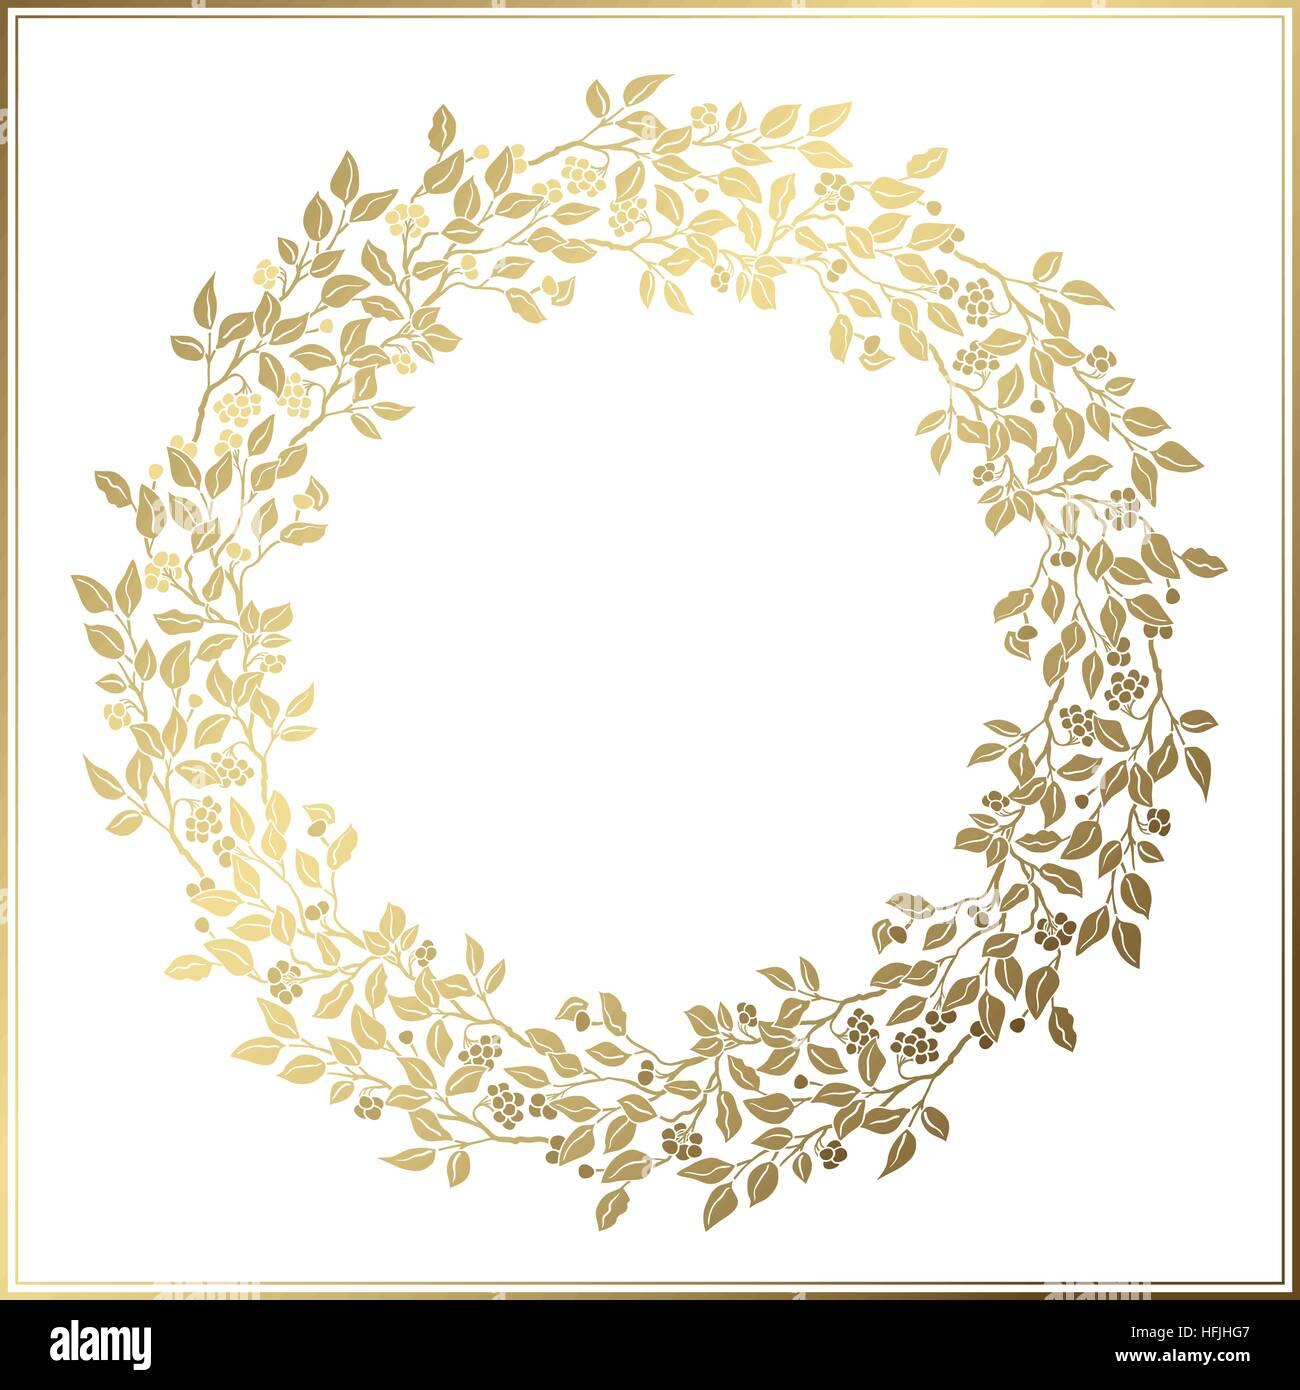 sch ne vintage kreis rahmen hochzeit dekor durchbrochene vorlage goldene bl tter und beeren. Black Bedroom Furniture Sets. Home Design Ideas